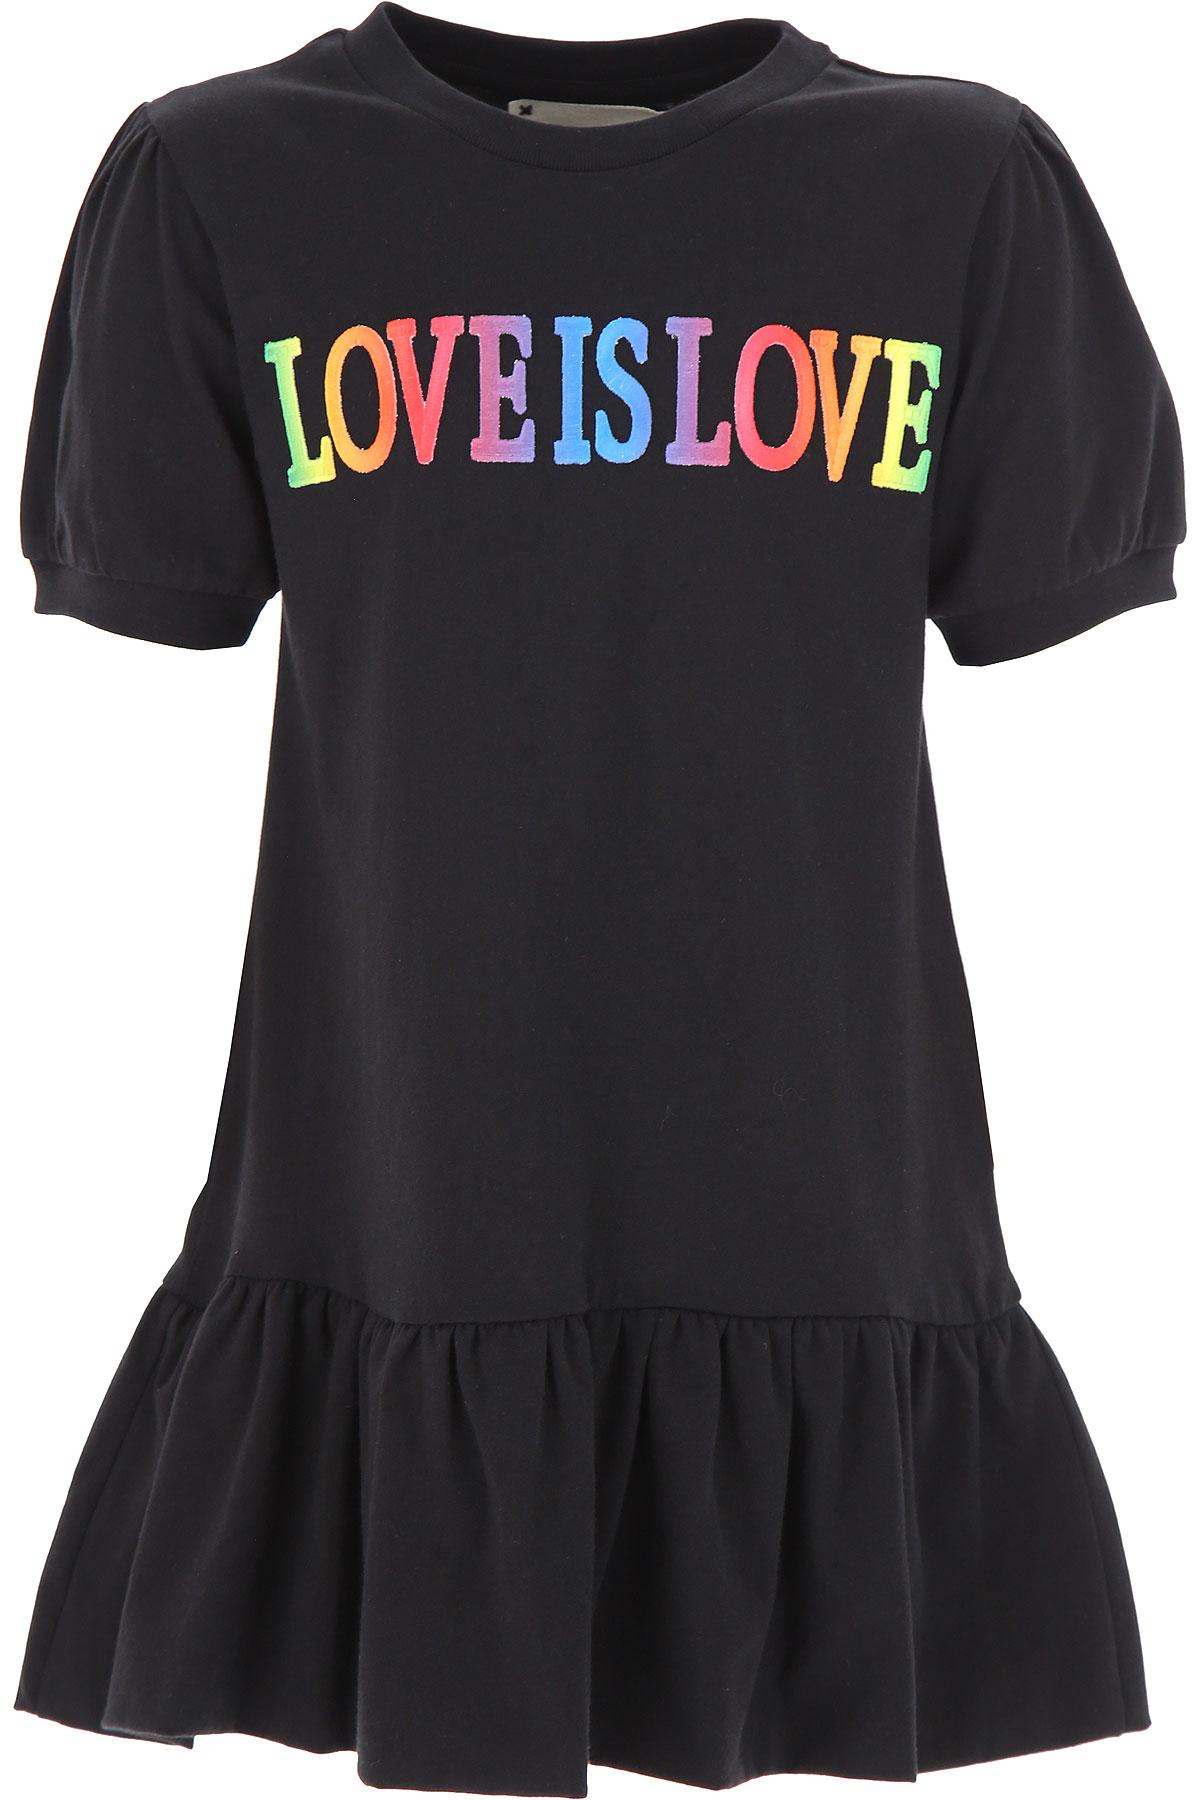 Alberta Ferretti Girls Dress On Sale, Black, Cotton, 2019, 10Y 4Y 6Y 8Y